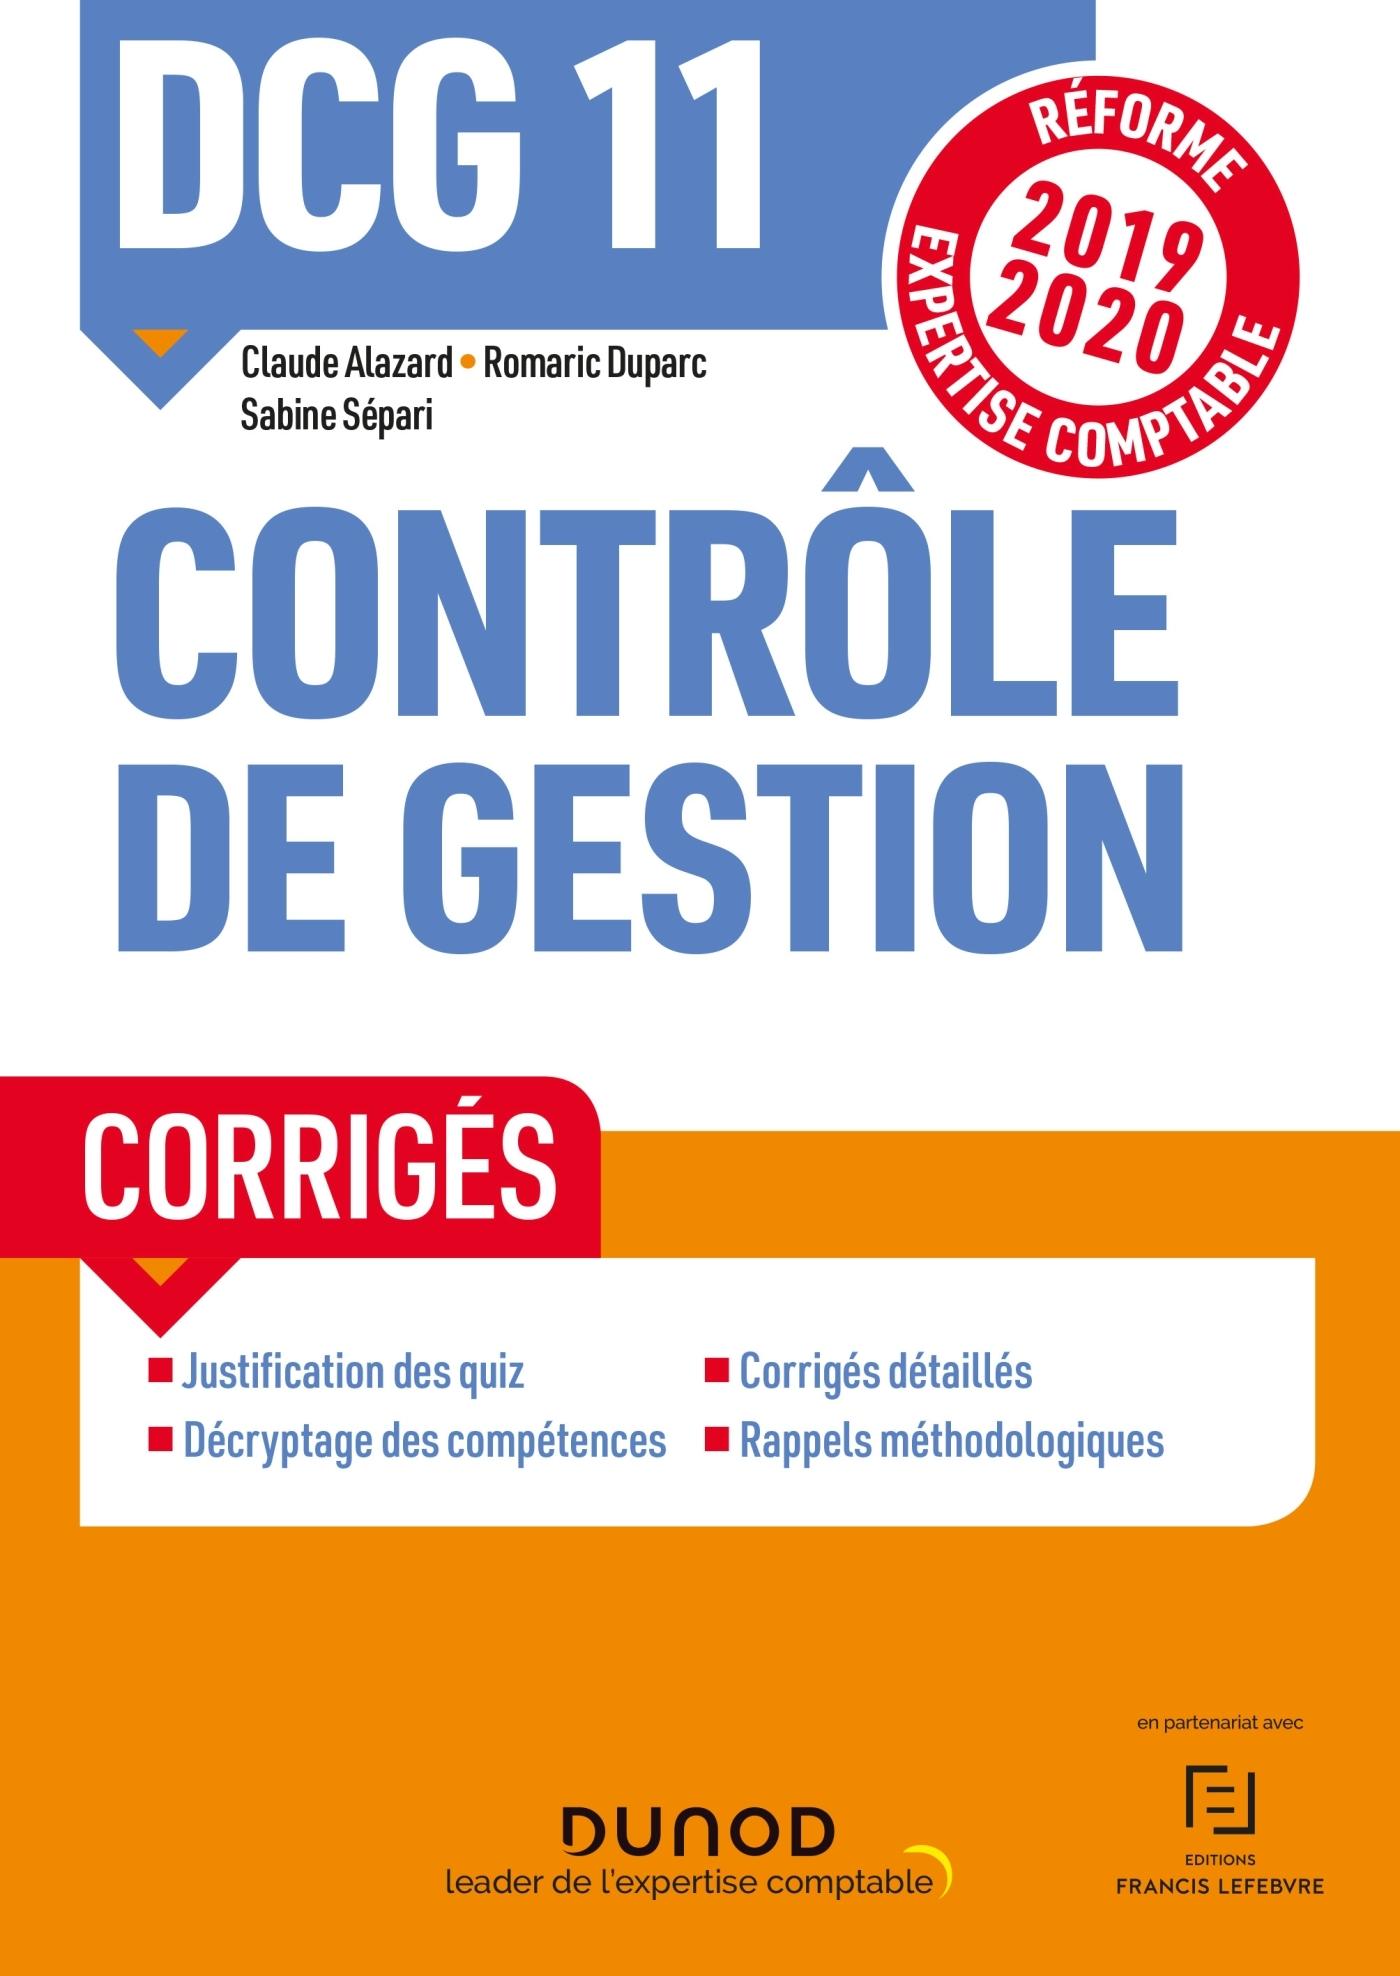 DCG 11 - CONTROLE DE GESTION - CORRIGES - REFORME 2019-2020 - REFORME EXPERTISE COMPTABLE 2019-2020